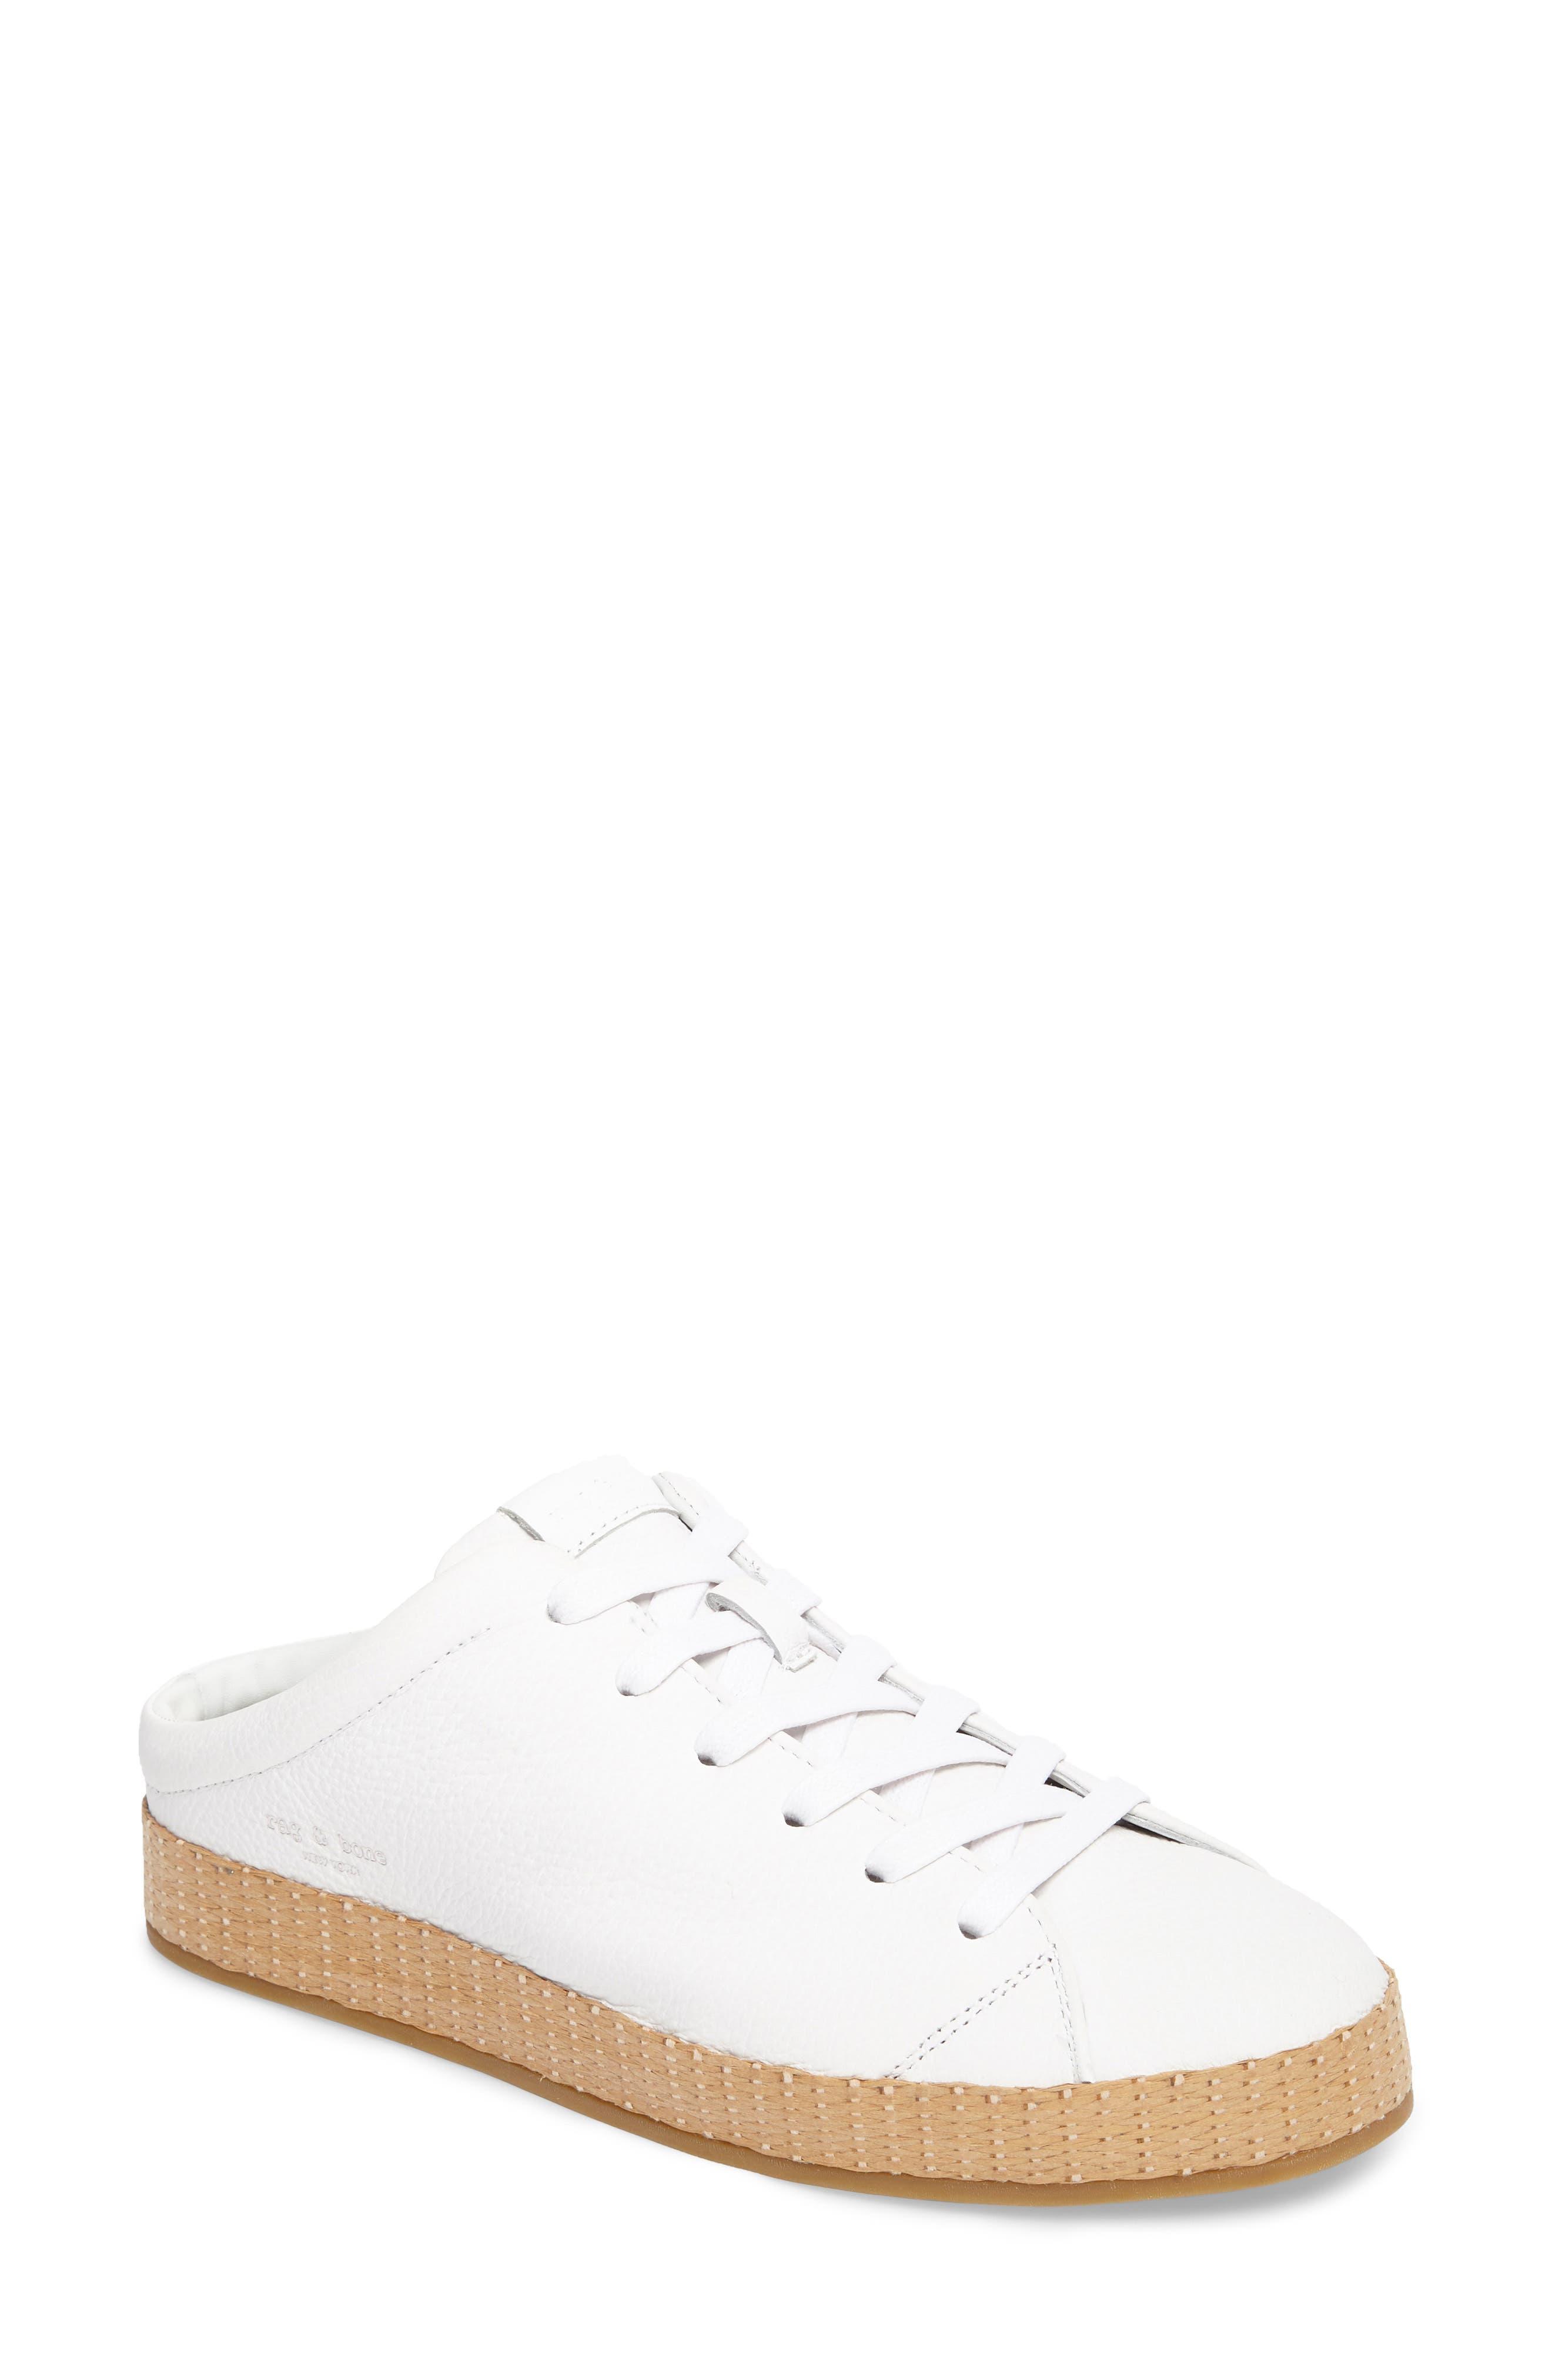 RB1 Slip-On Sneaker,                         Main,                         color, White